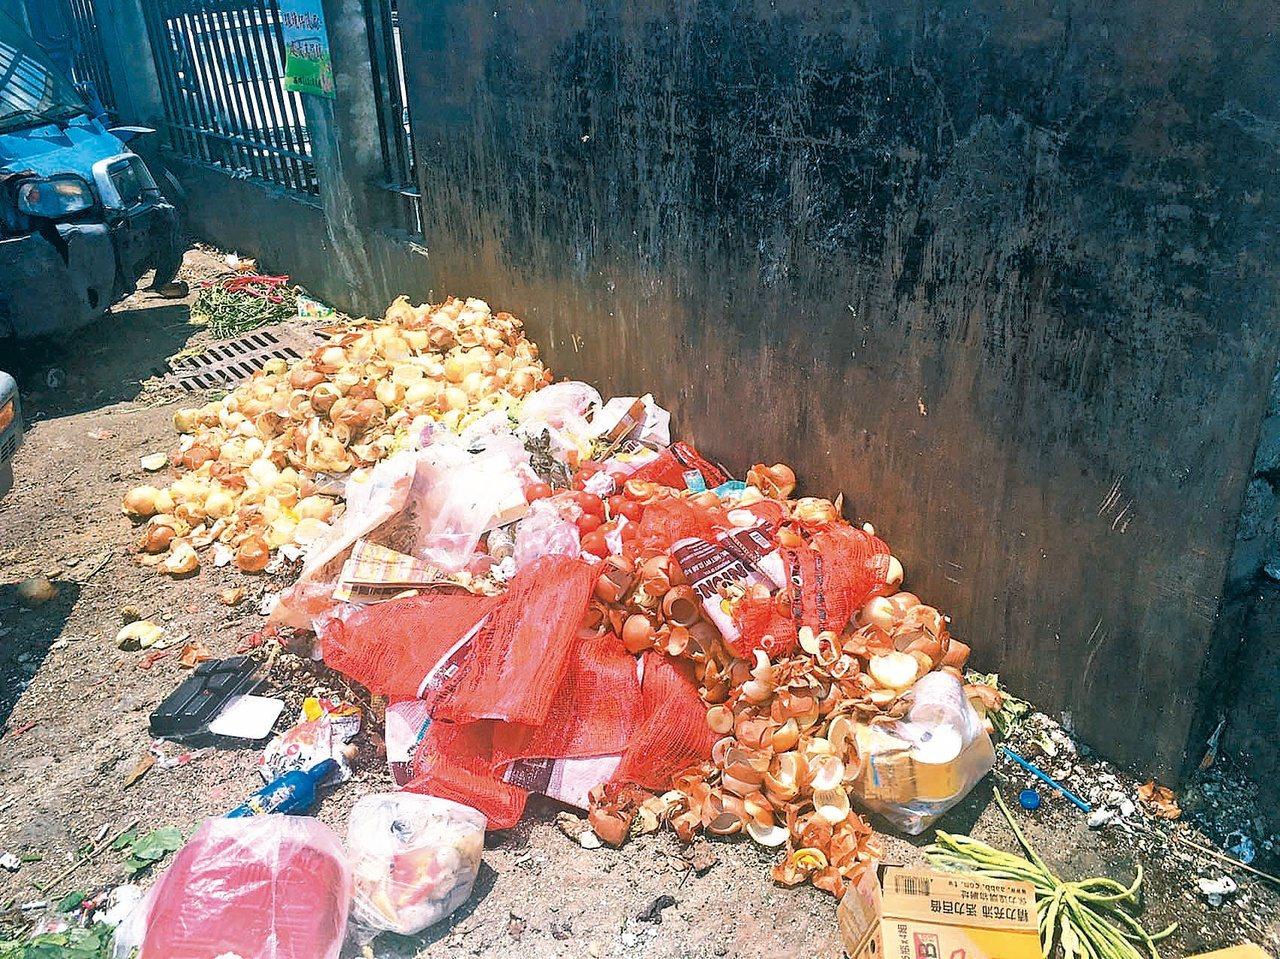 處可看見丟棄的蔬菜及廢棄物,分不清楚究竟是還能吃但賣相不佳被丟棄,還是腐敗爛掉的...